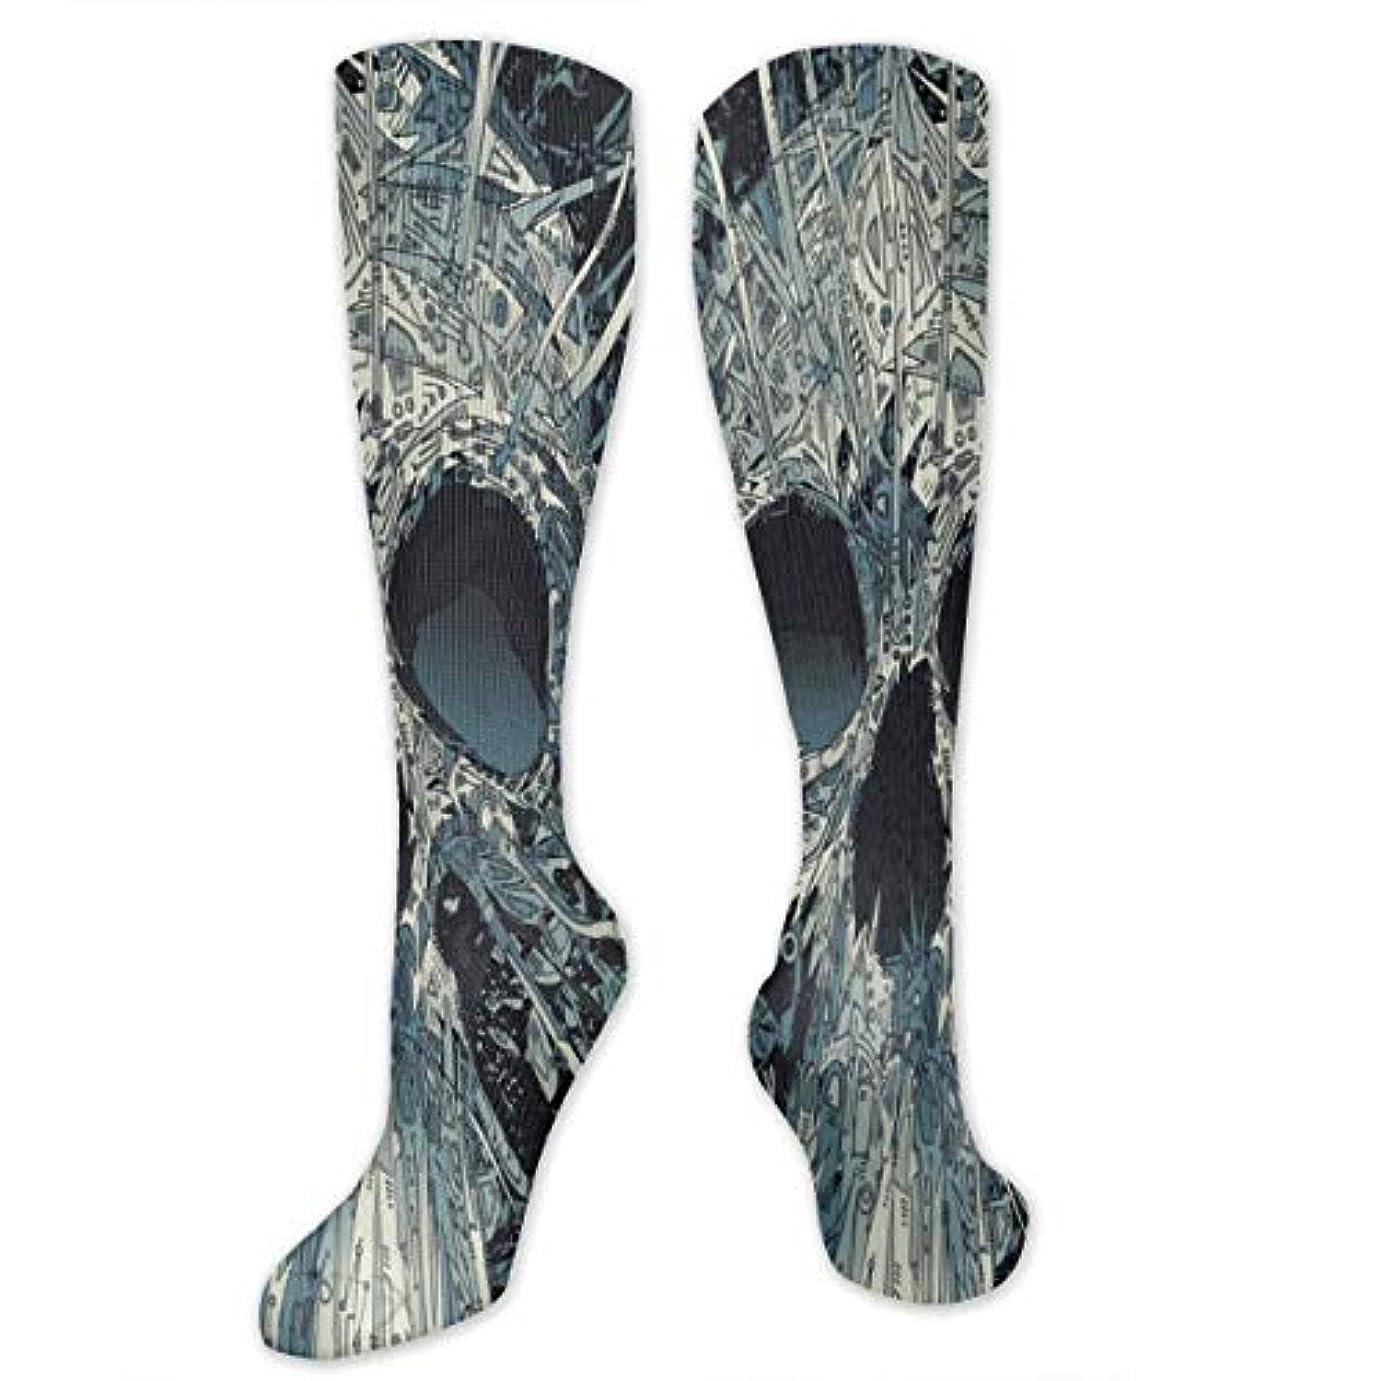 エレガント成熟したメダルレディースファニーカジュアルソックスコットン抽象スカル(2)運動靴下